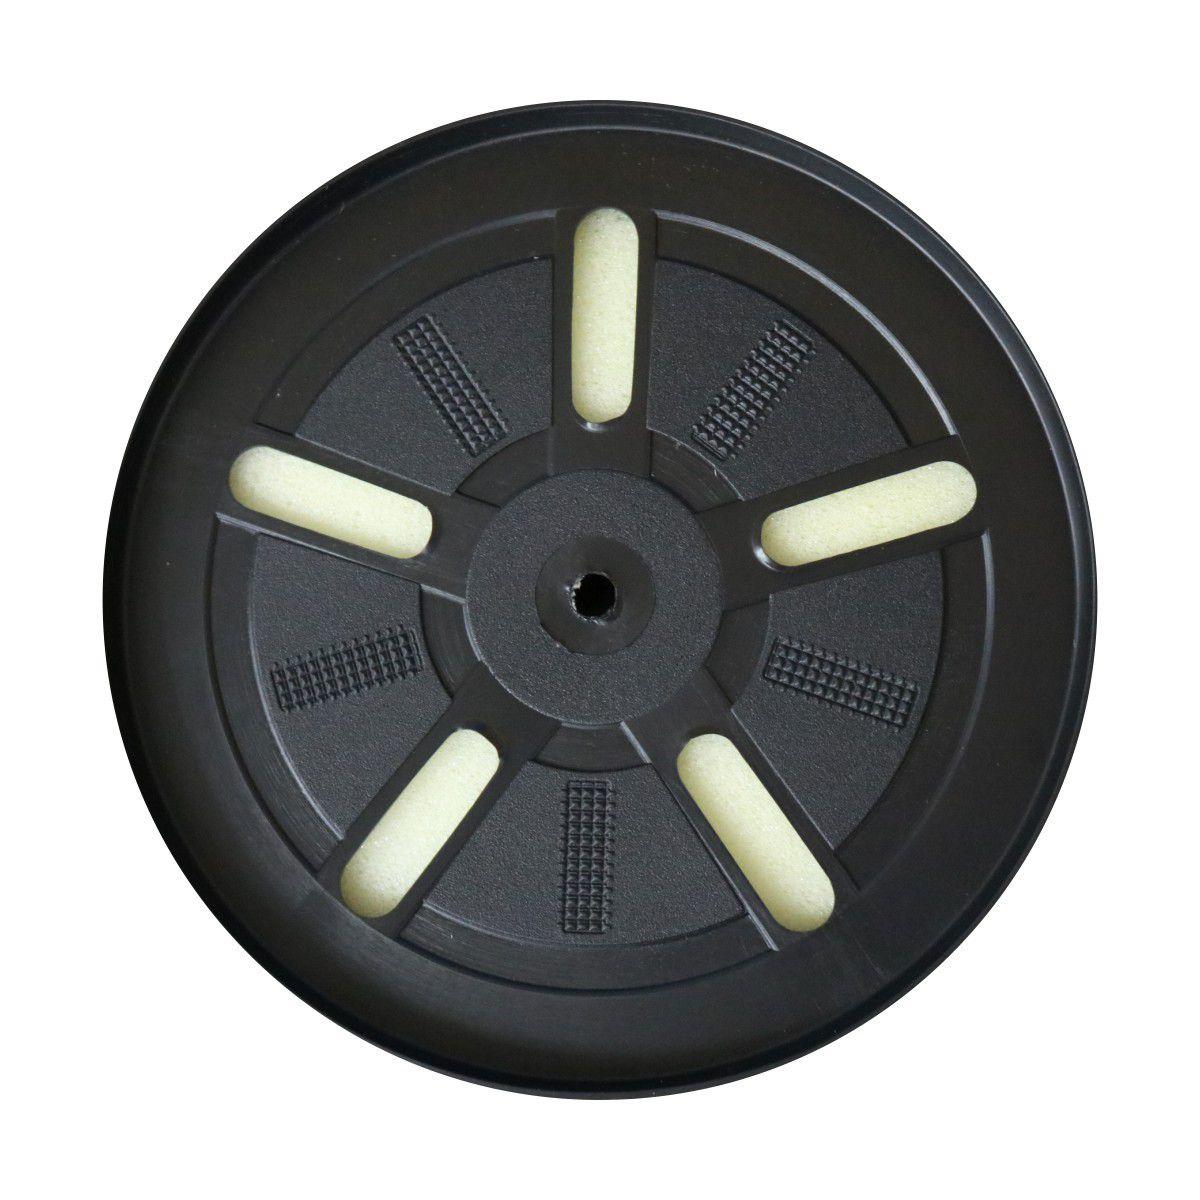 Prato antidengue para Vaso Nº 02 - Sai Zica